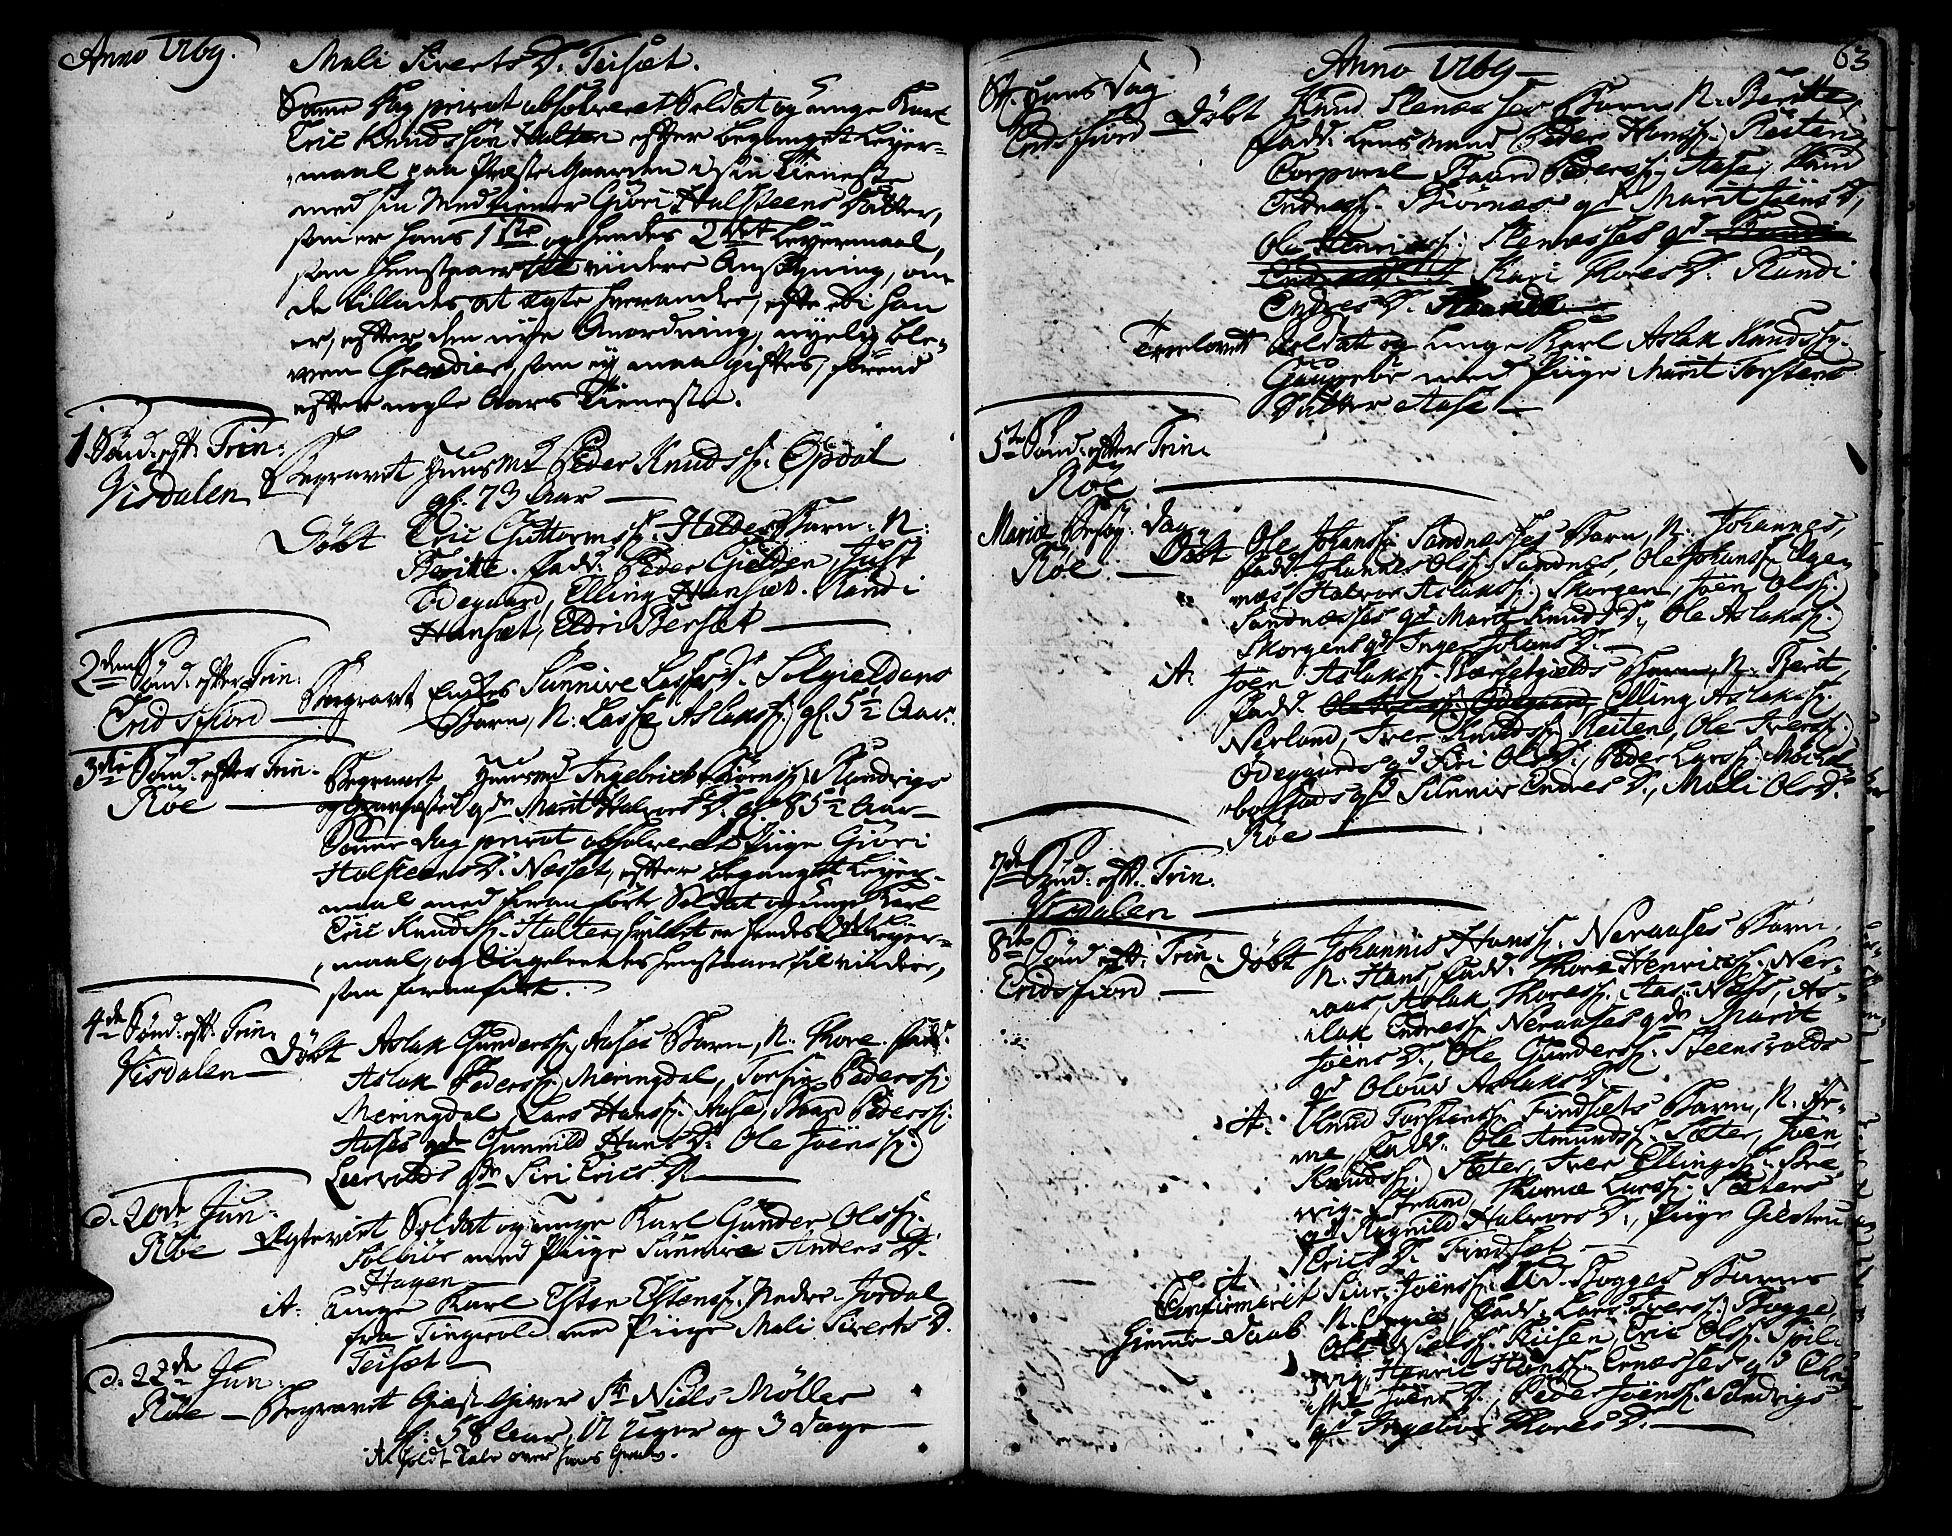 SAT, Ministerialprotokoller, klokkerbøker og fødselsregistre - Møre og Romsdal, 551/L0621: Ministerialbok nr. 551A01, 1757-1803, s. 63